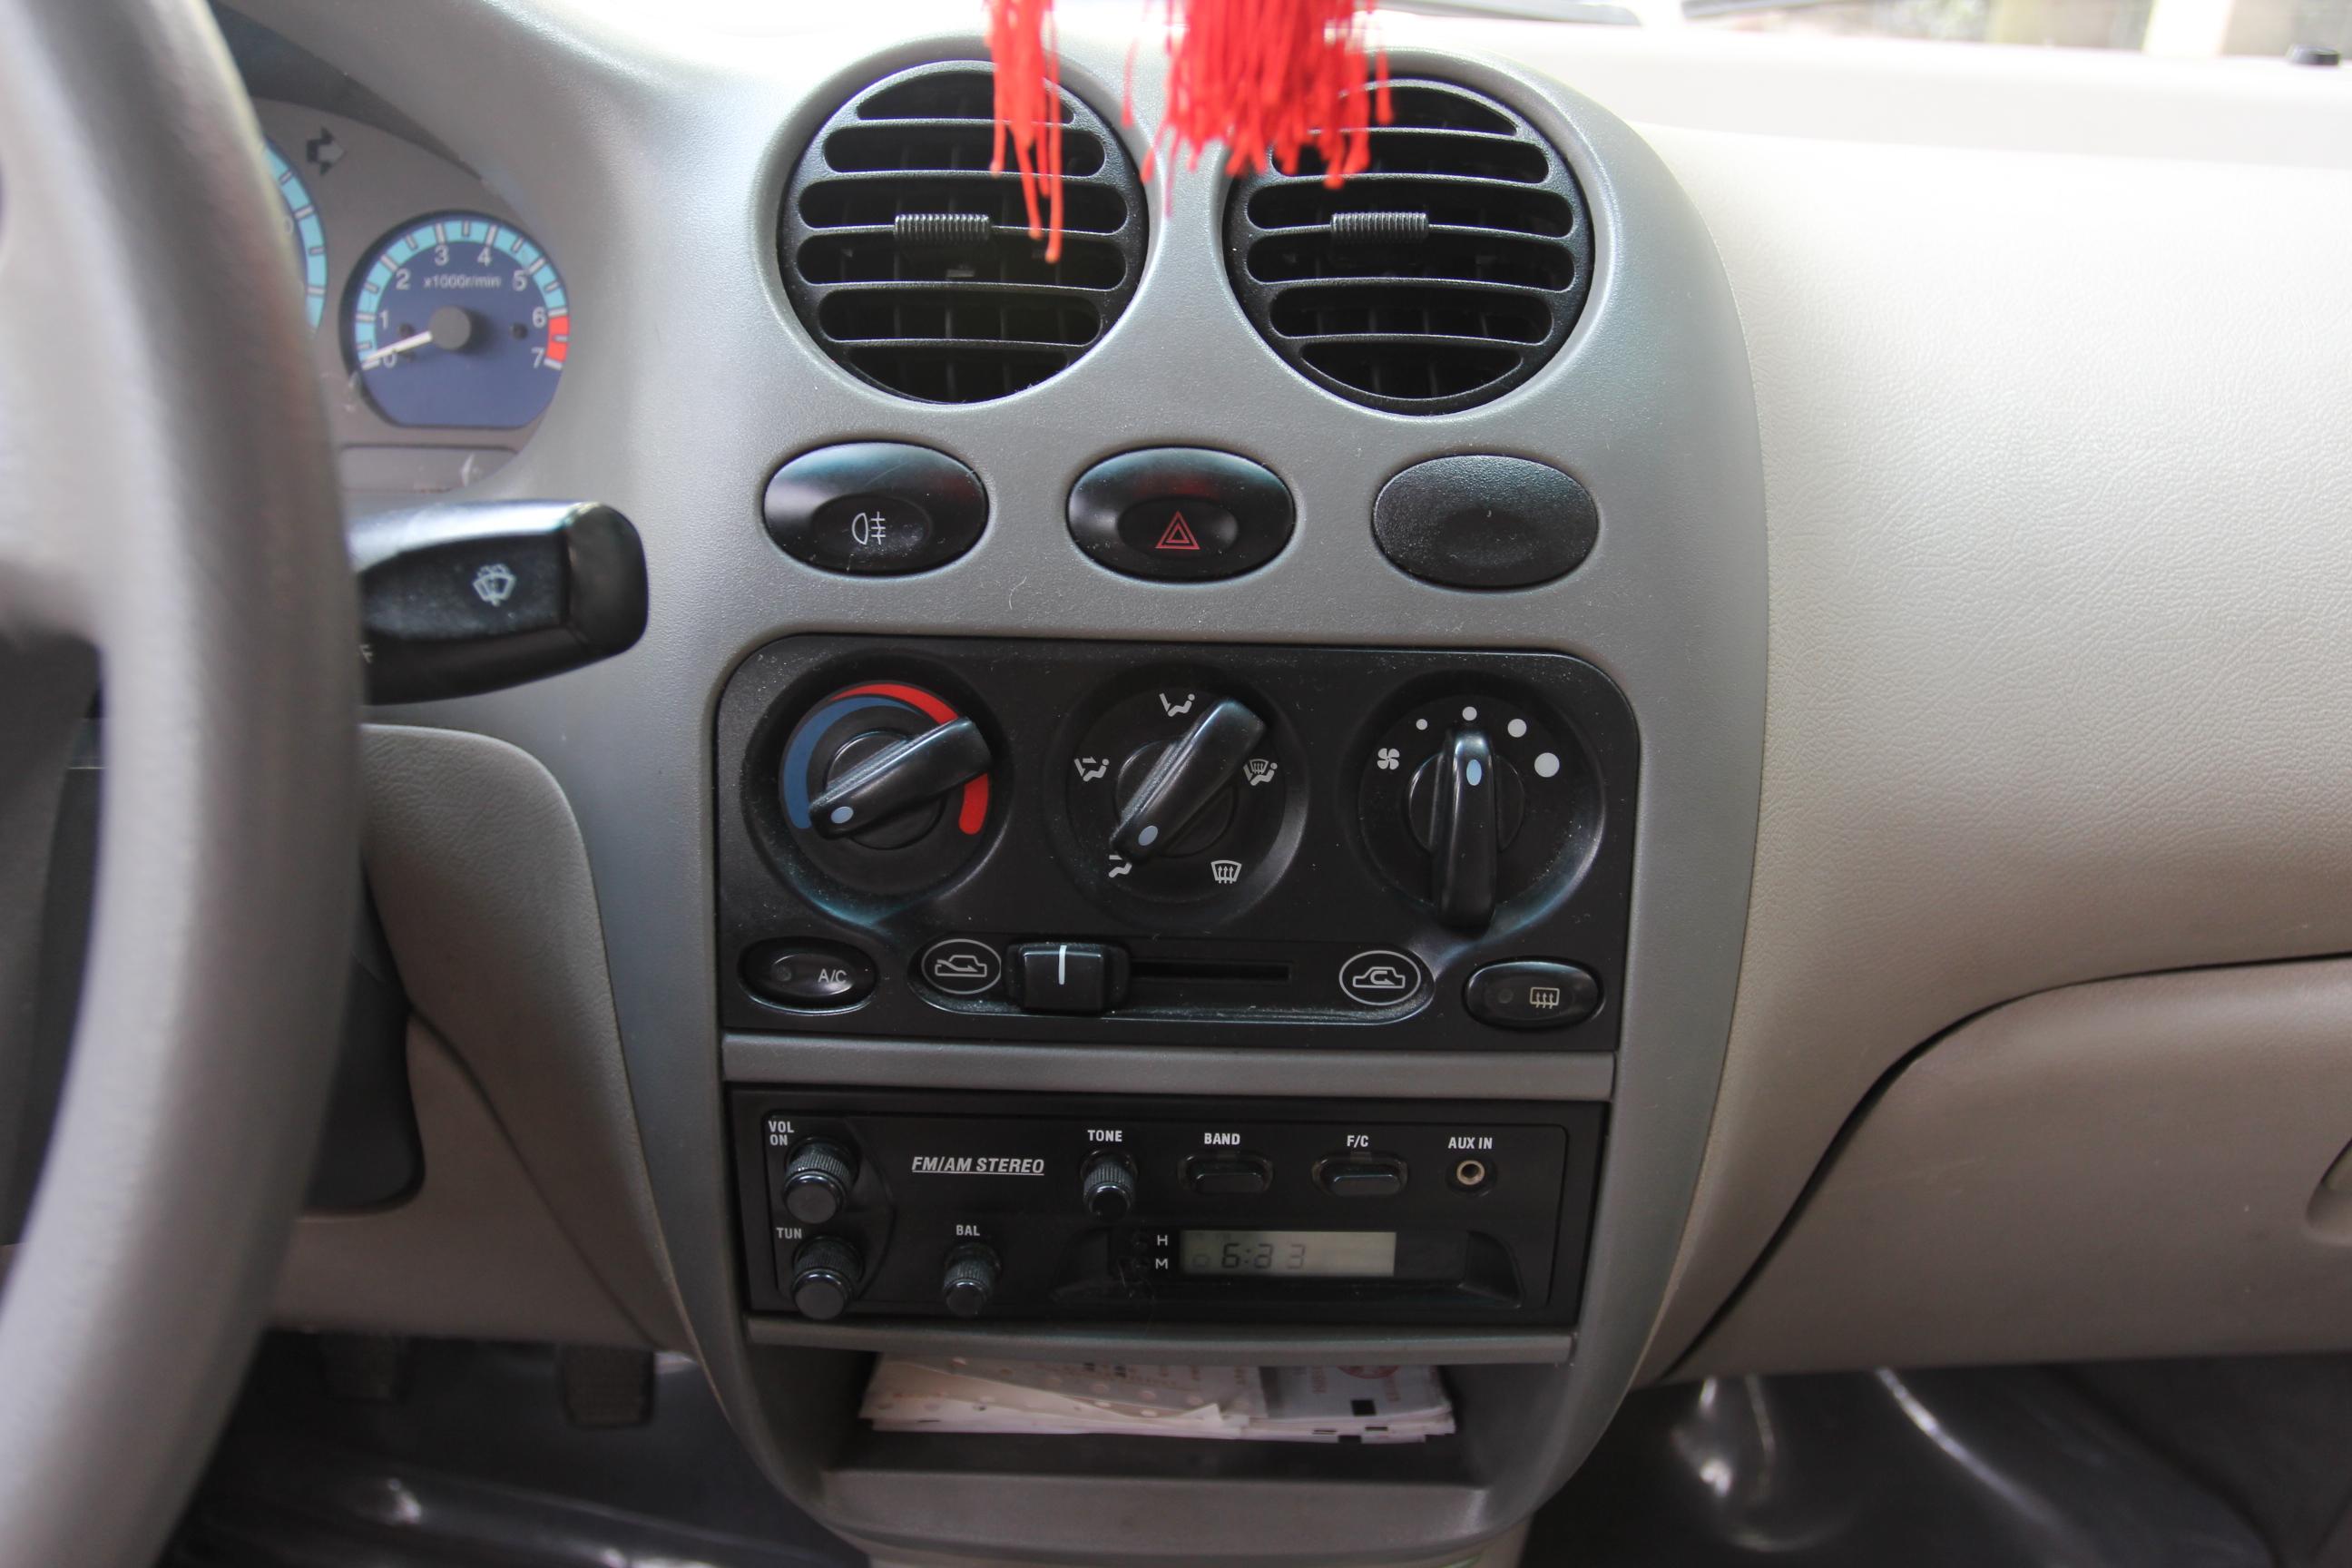 雪佛兰-乐驰2008款 0.8l 手动标准型图片